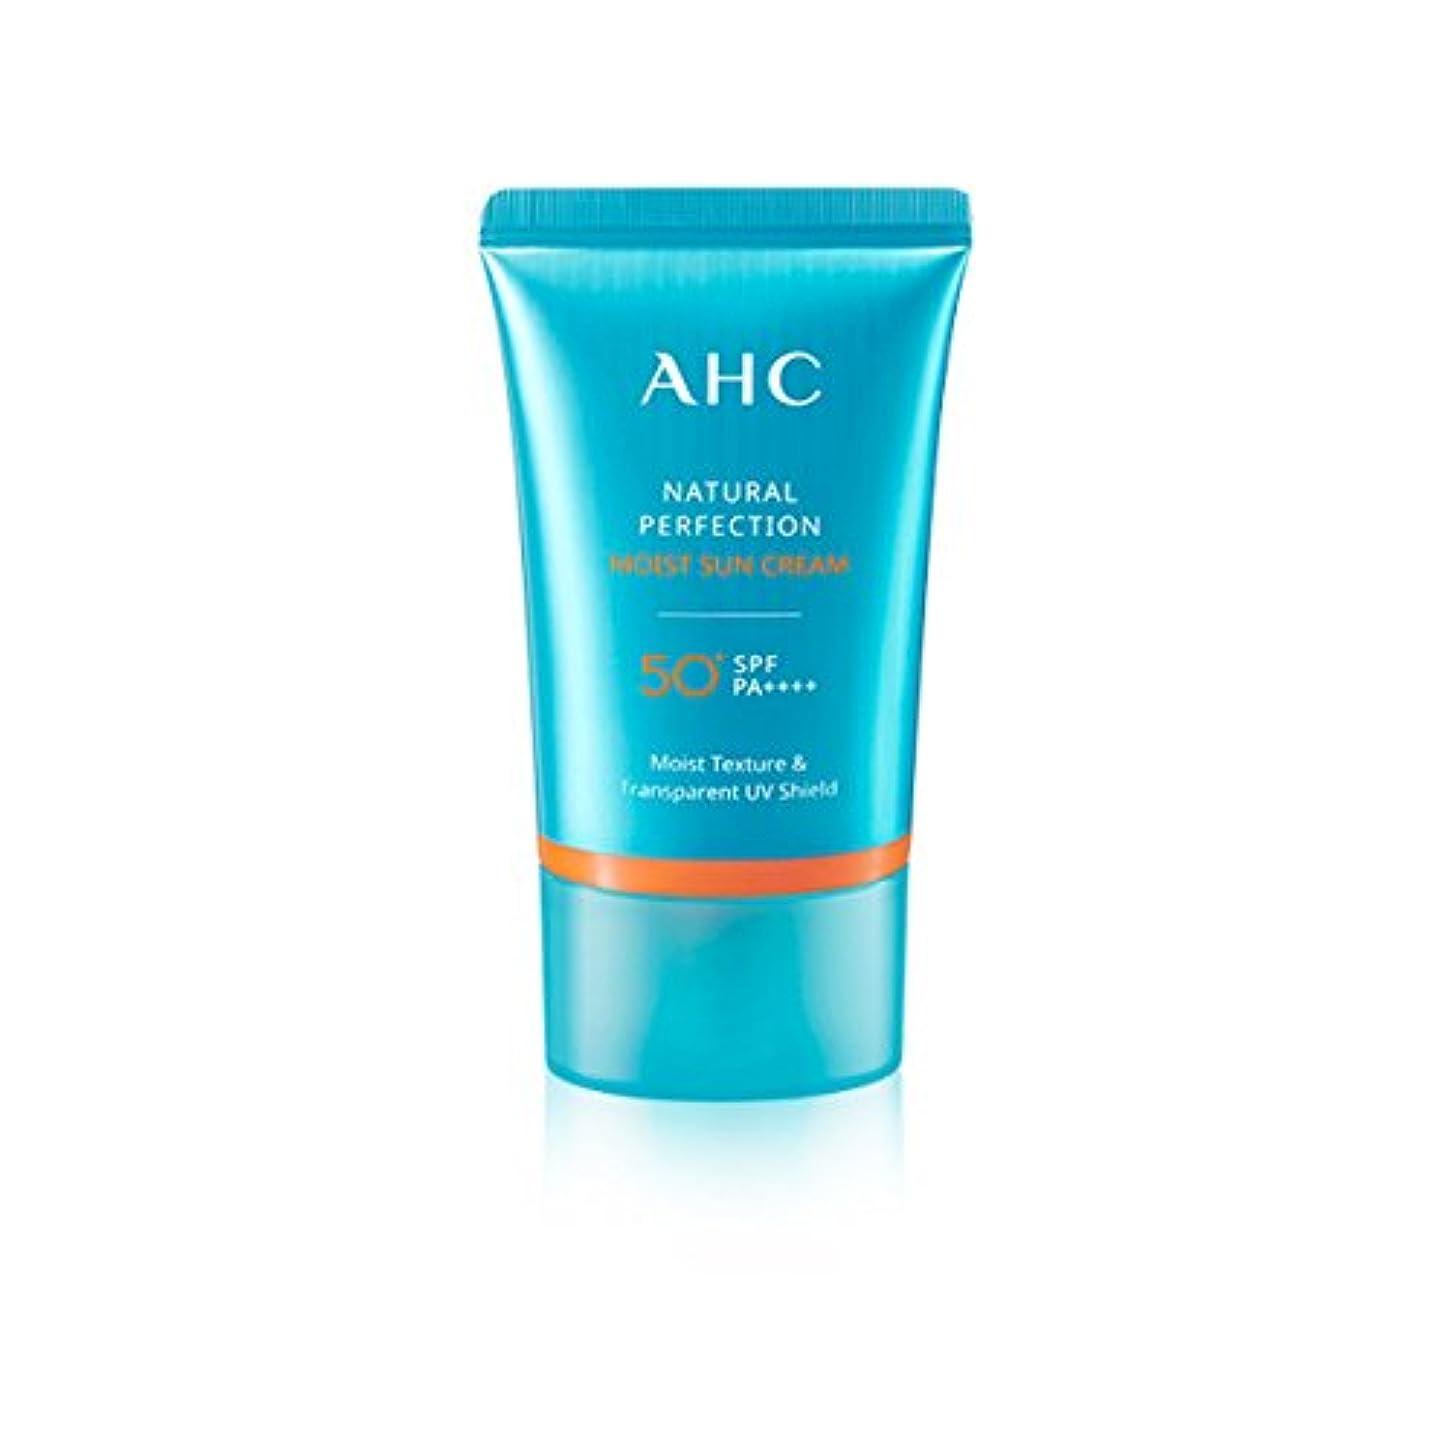 写真撮影衝動死AHC Natural Perfection Moist Sun Cream 50ml/AHC ナチュラル パーフェクション モイスト サン クリーム 50ml [並行輸入品]